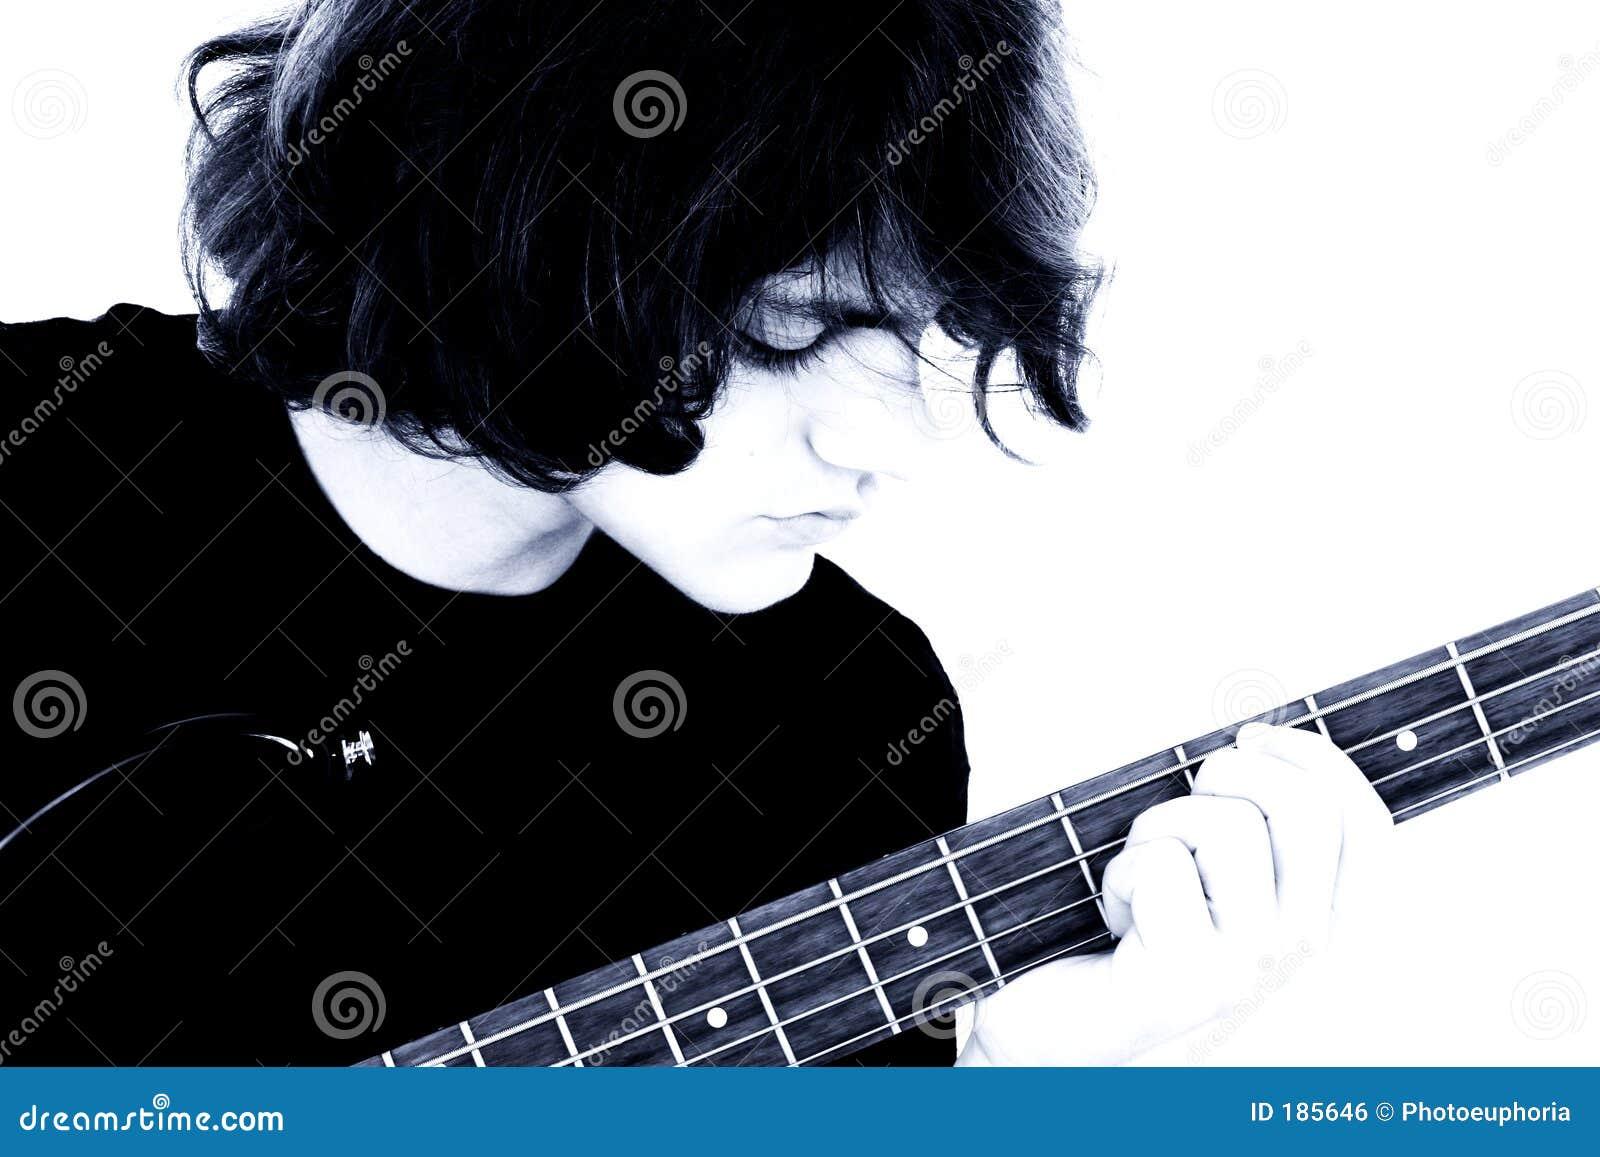 Photographie courante : Jeune garçon de l adolescence jouant la guitare basse